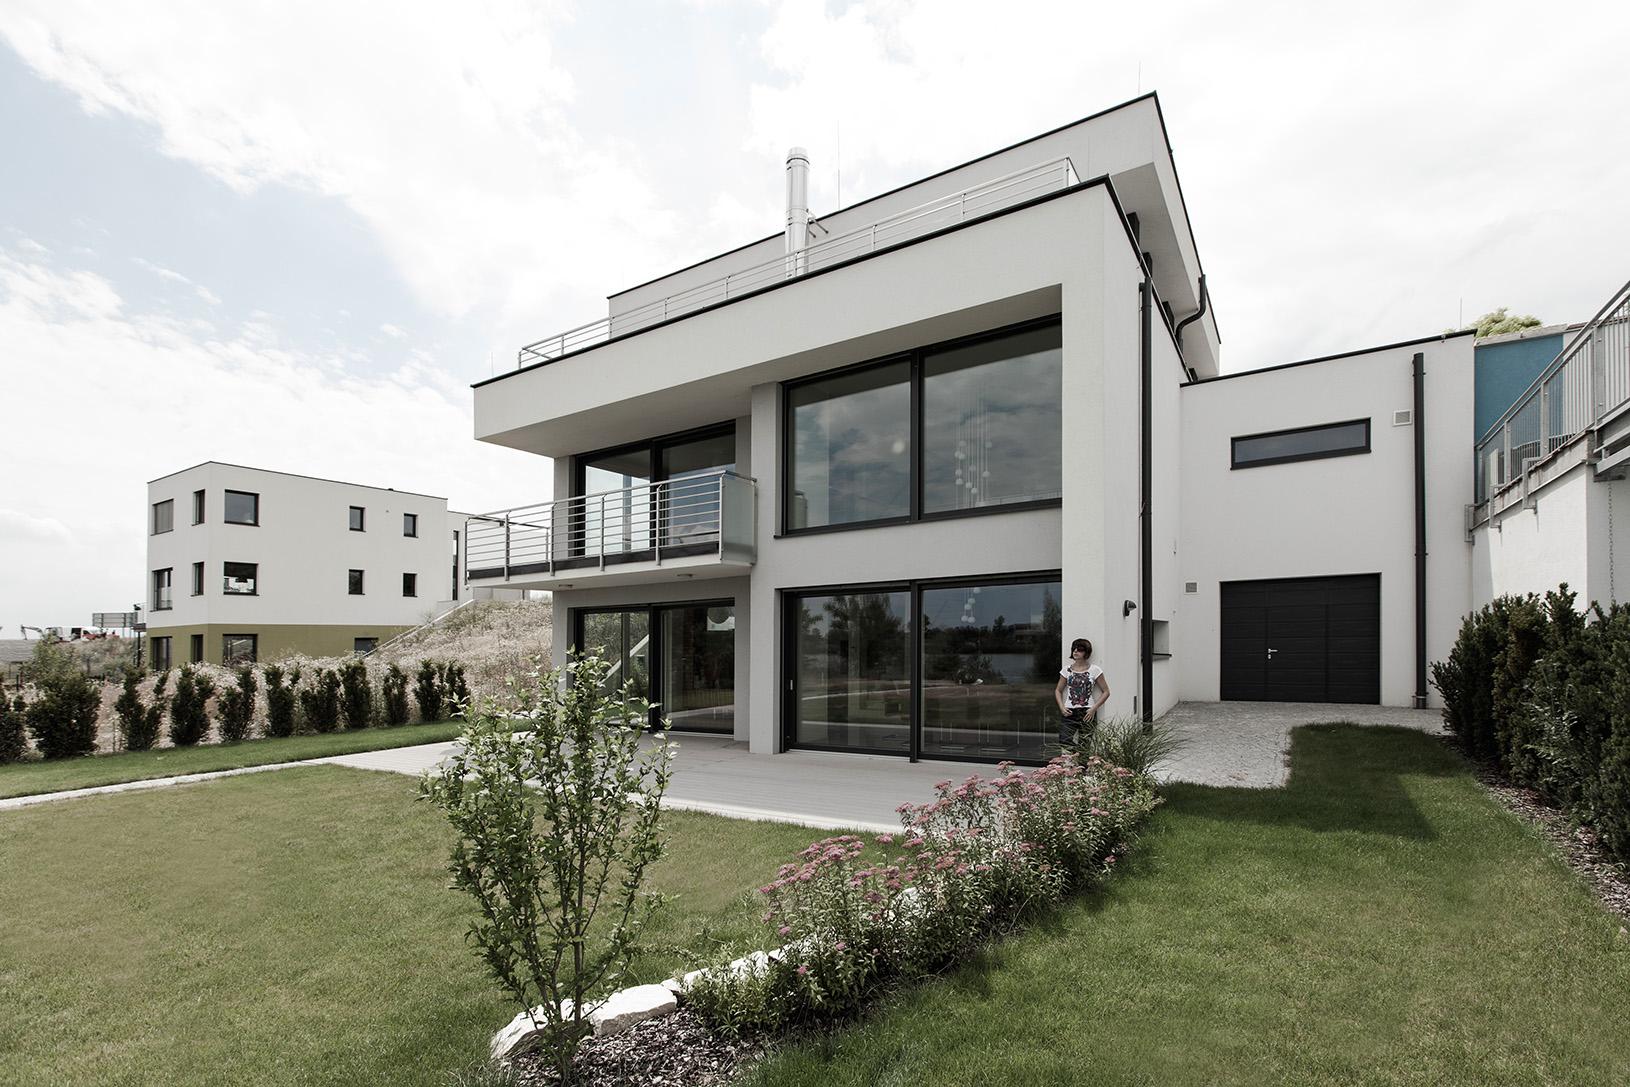 wunschhaus-haus-s84-1